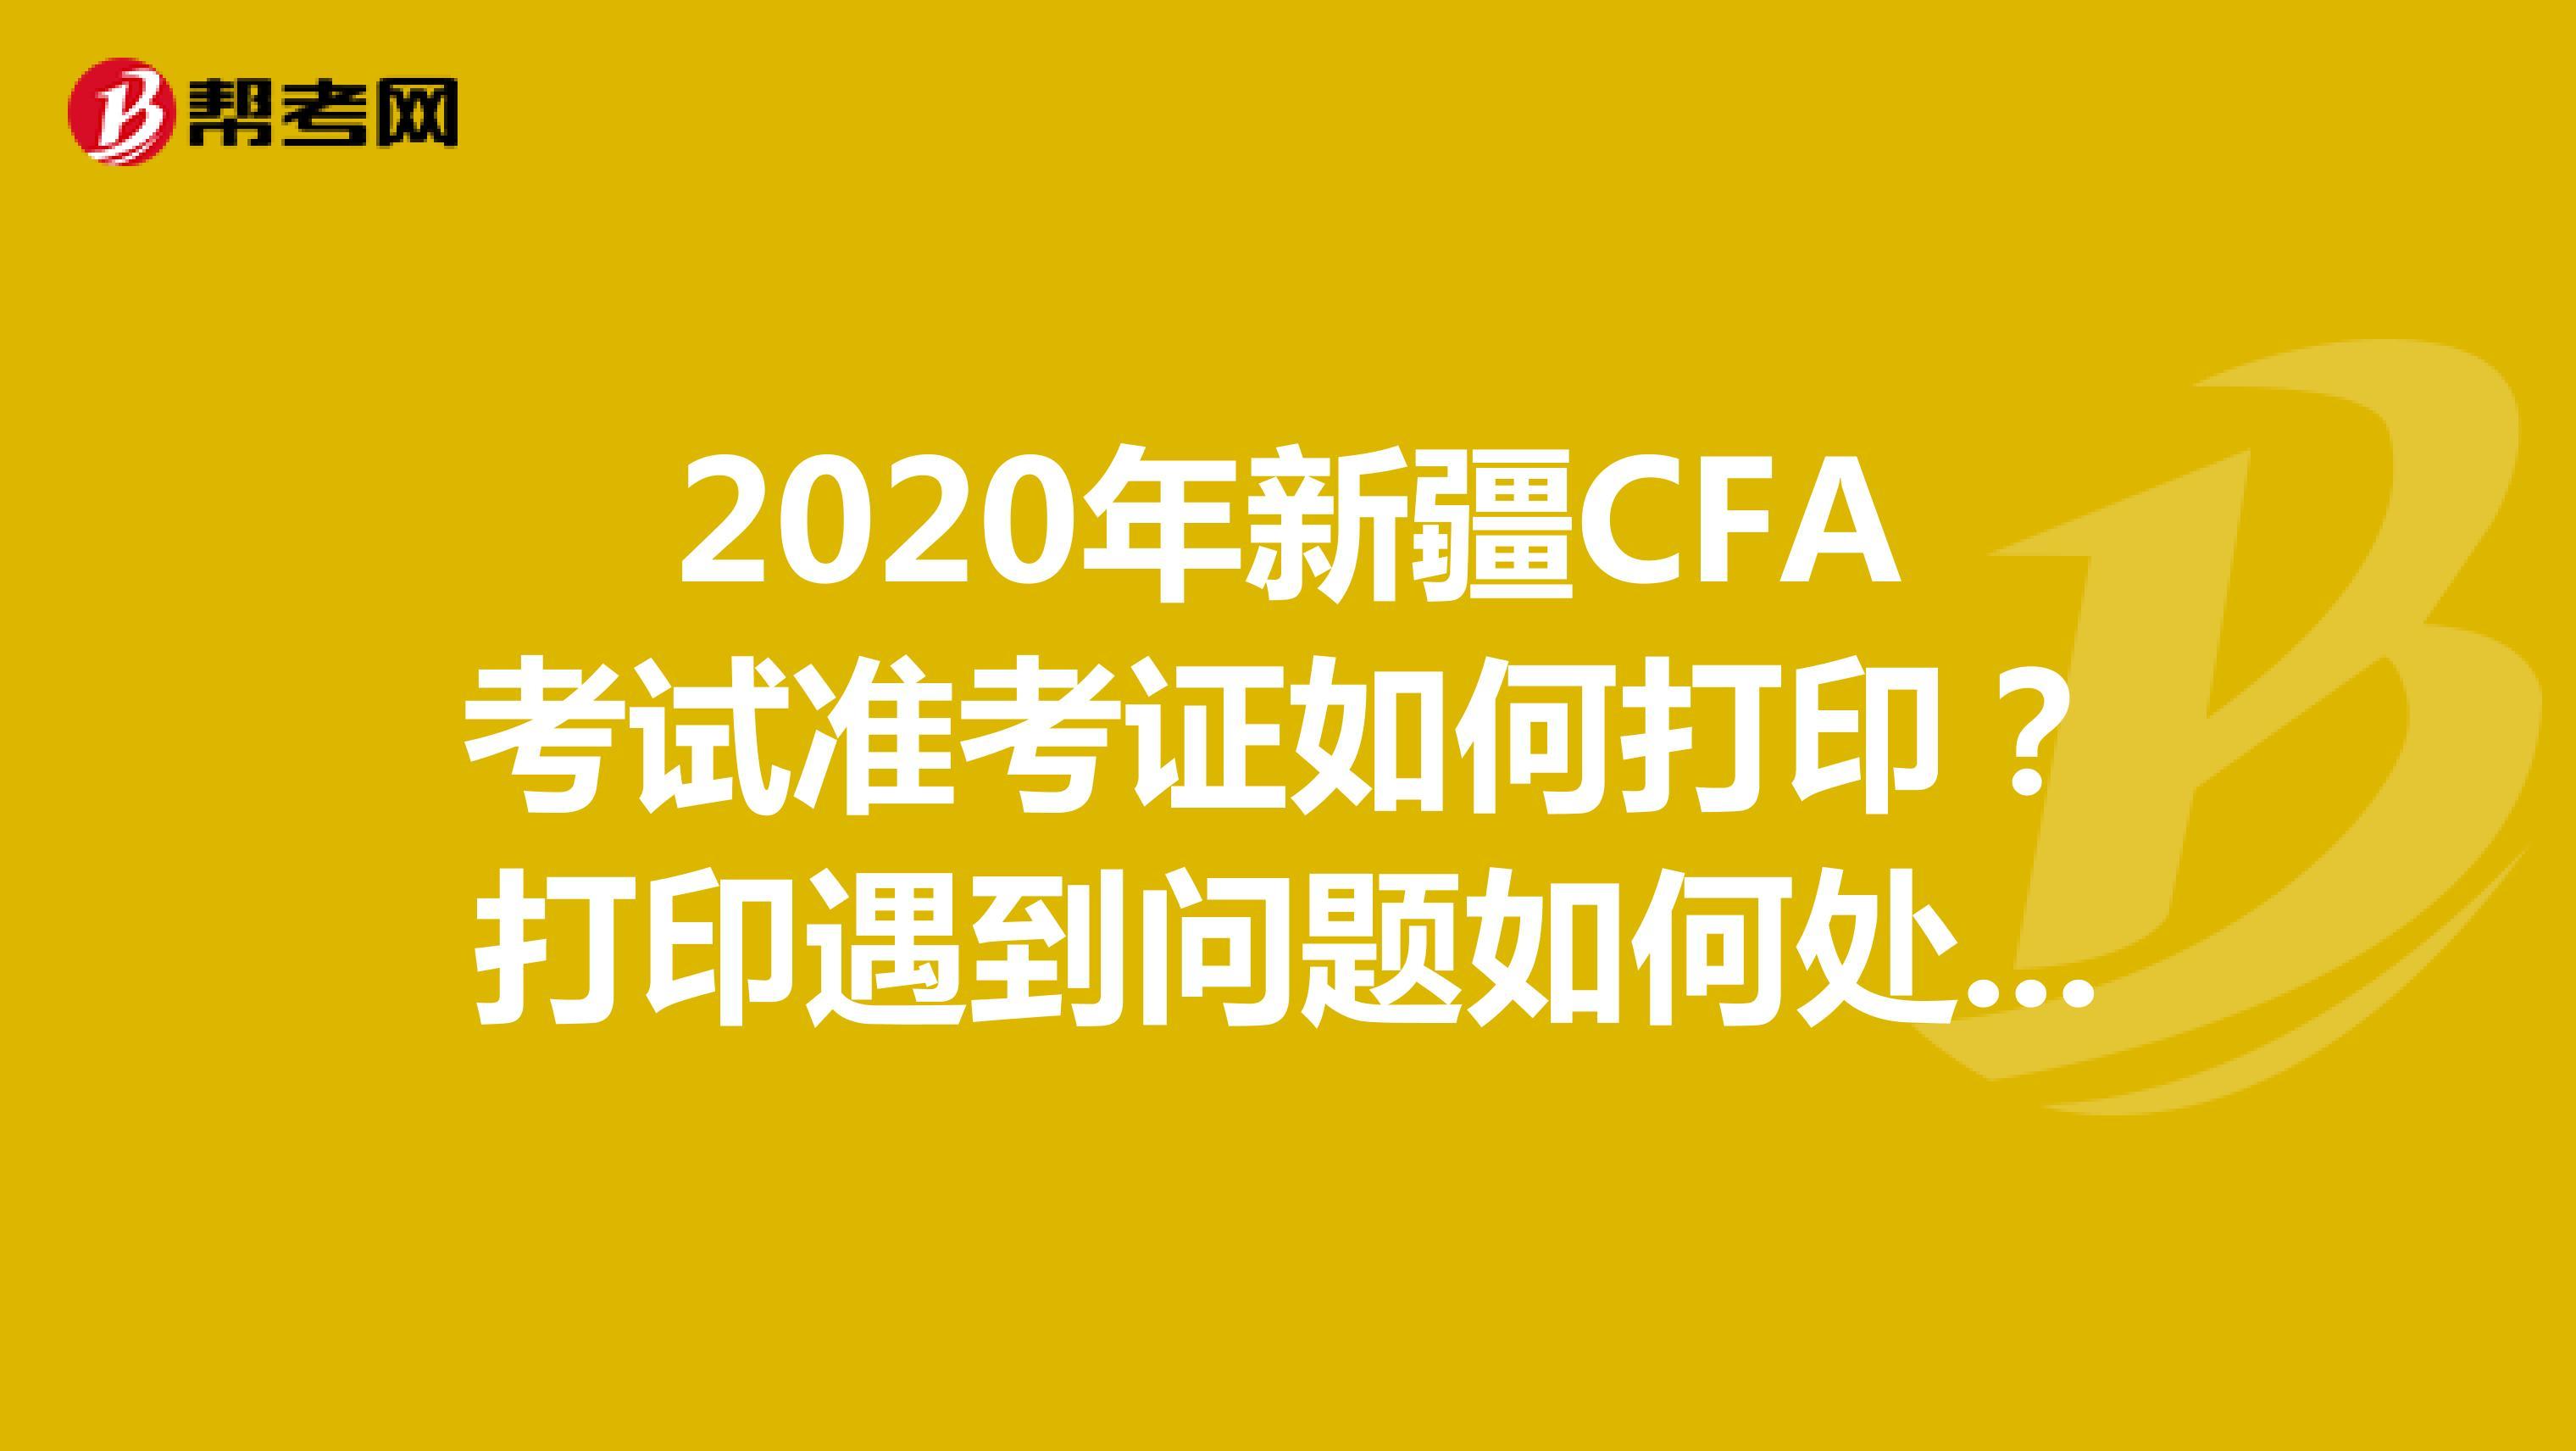 2020年新疆CFA考试准考证如何打印?打印遇到问题如何处理?